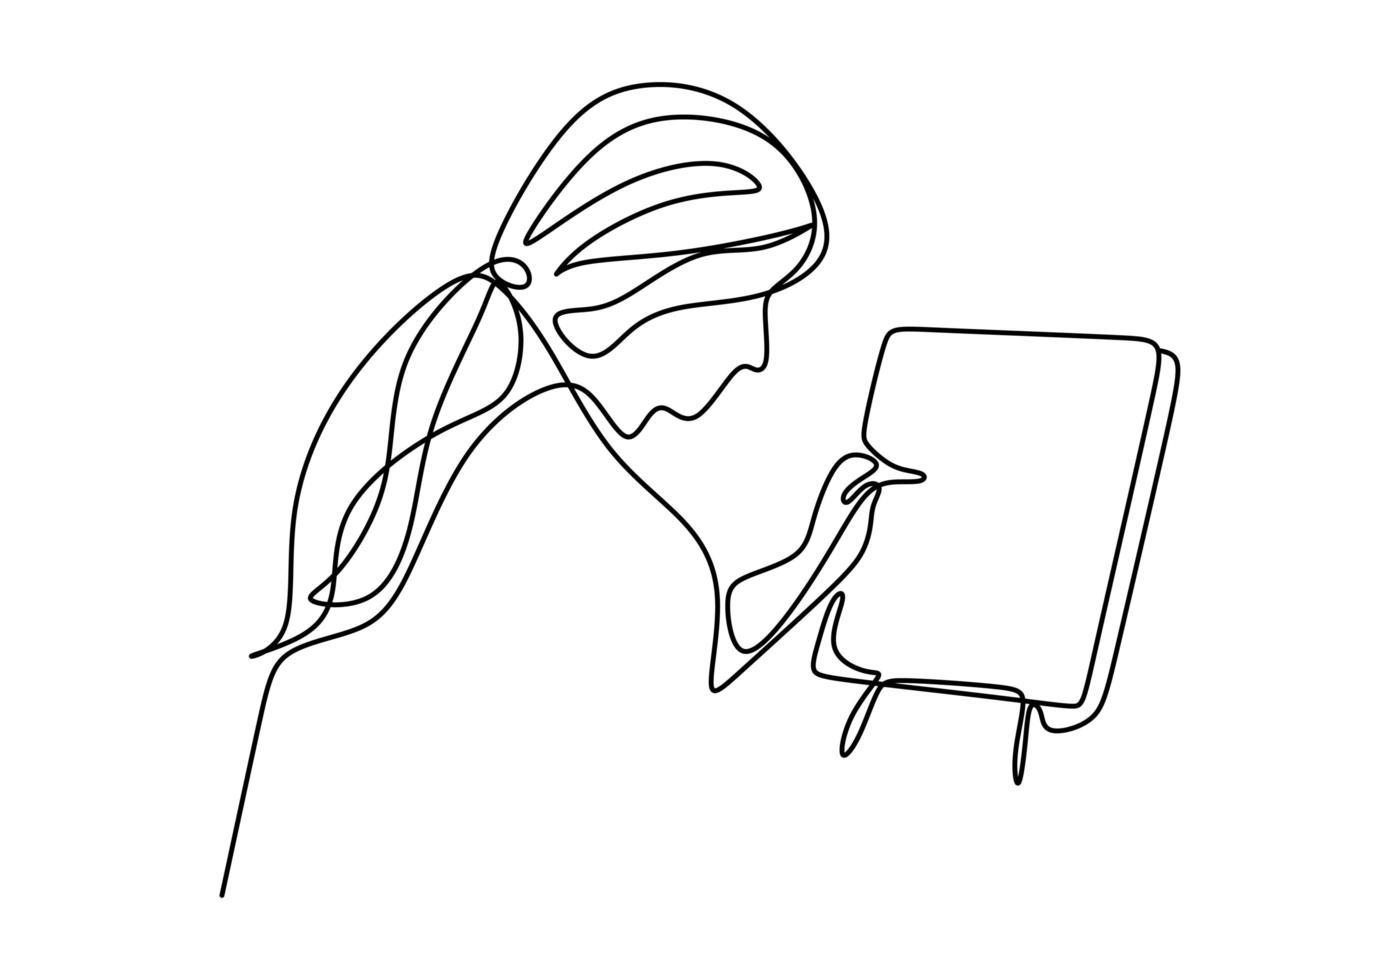 un seul dessin continu. une fille peinture sur toile, illustration vectorielle, isolée sur fond blanc. vecteur